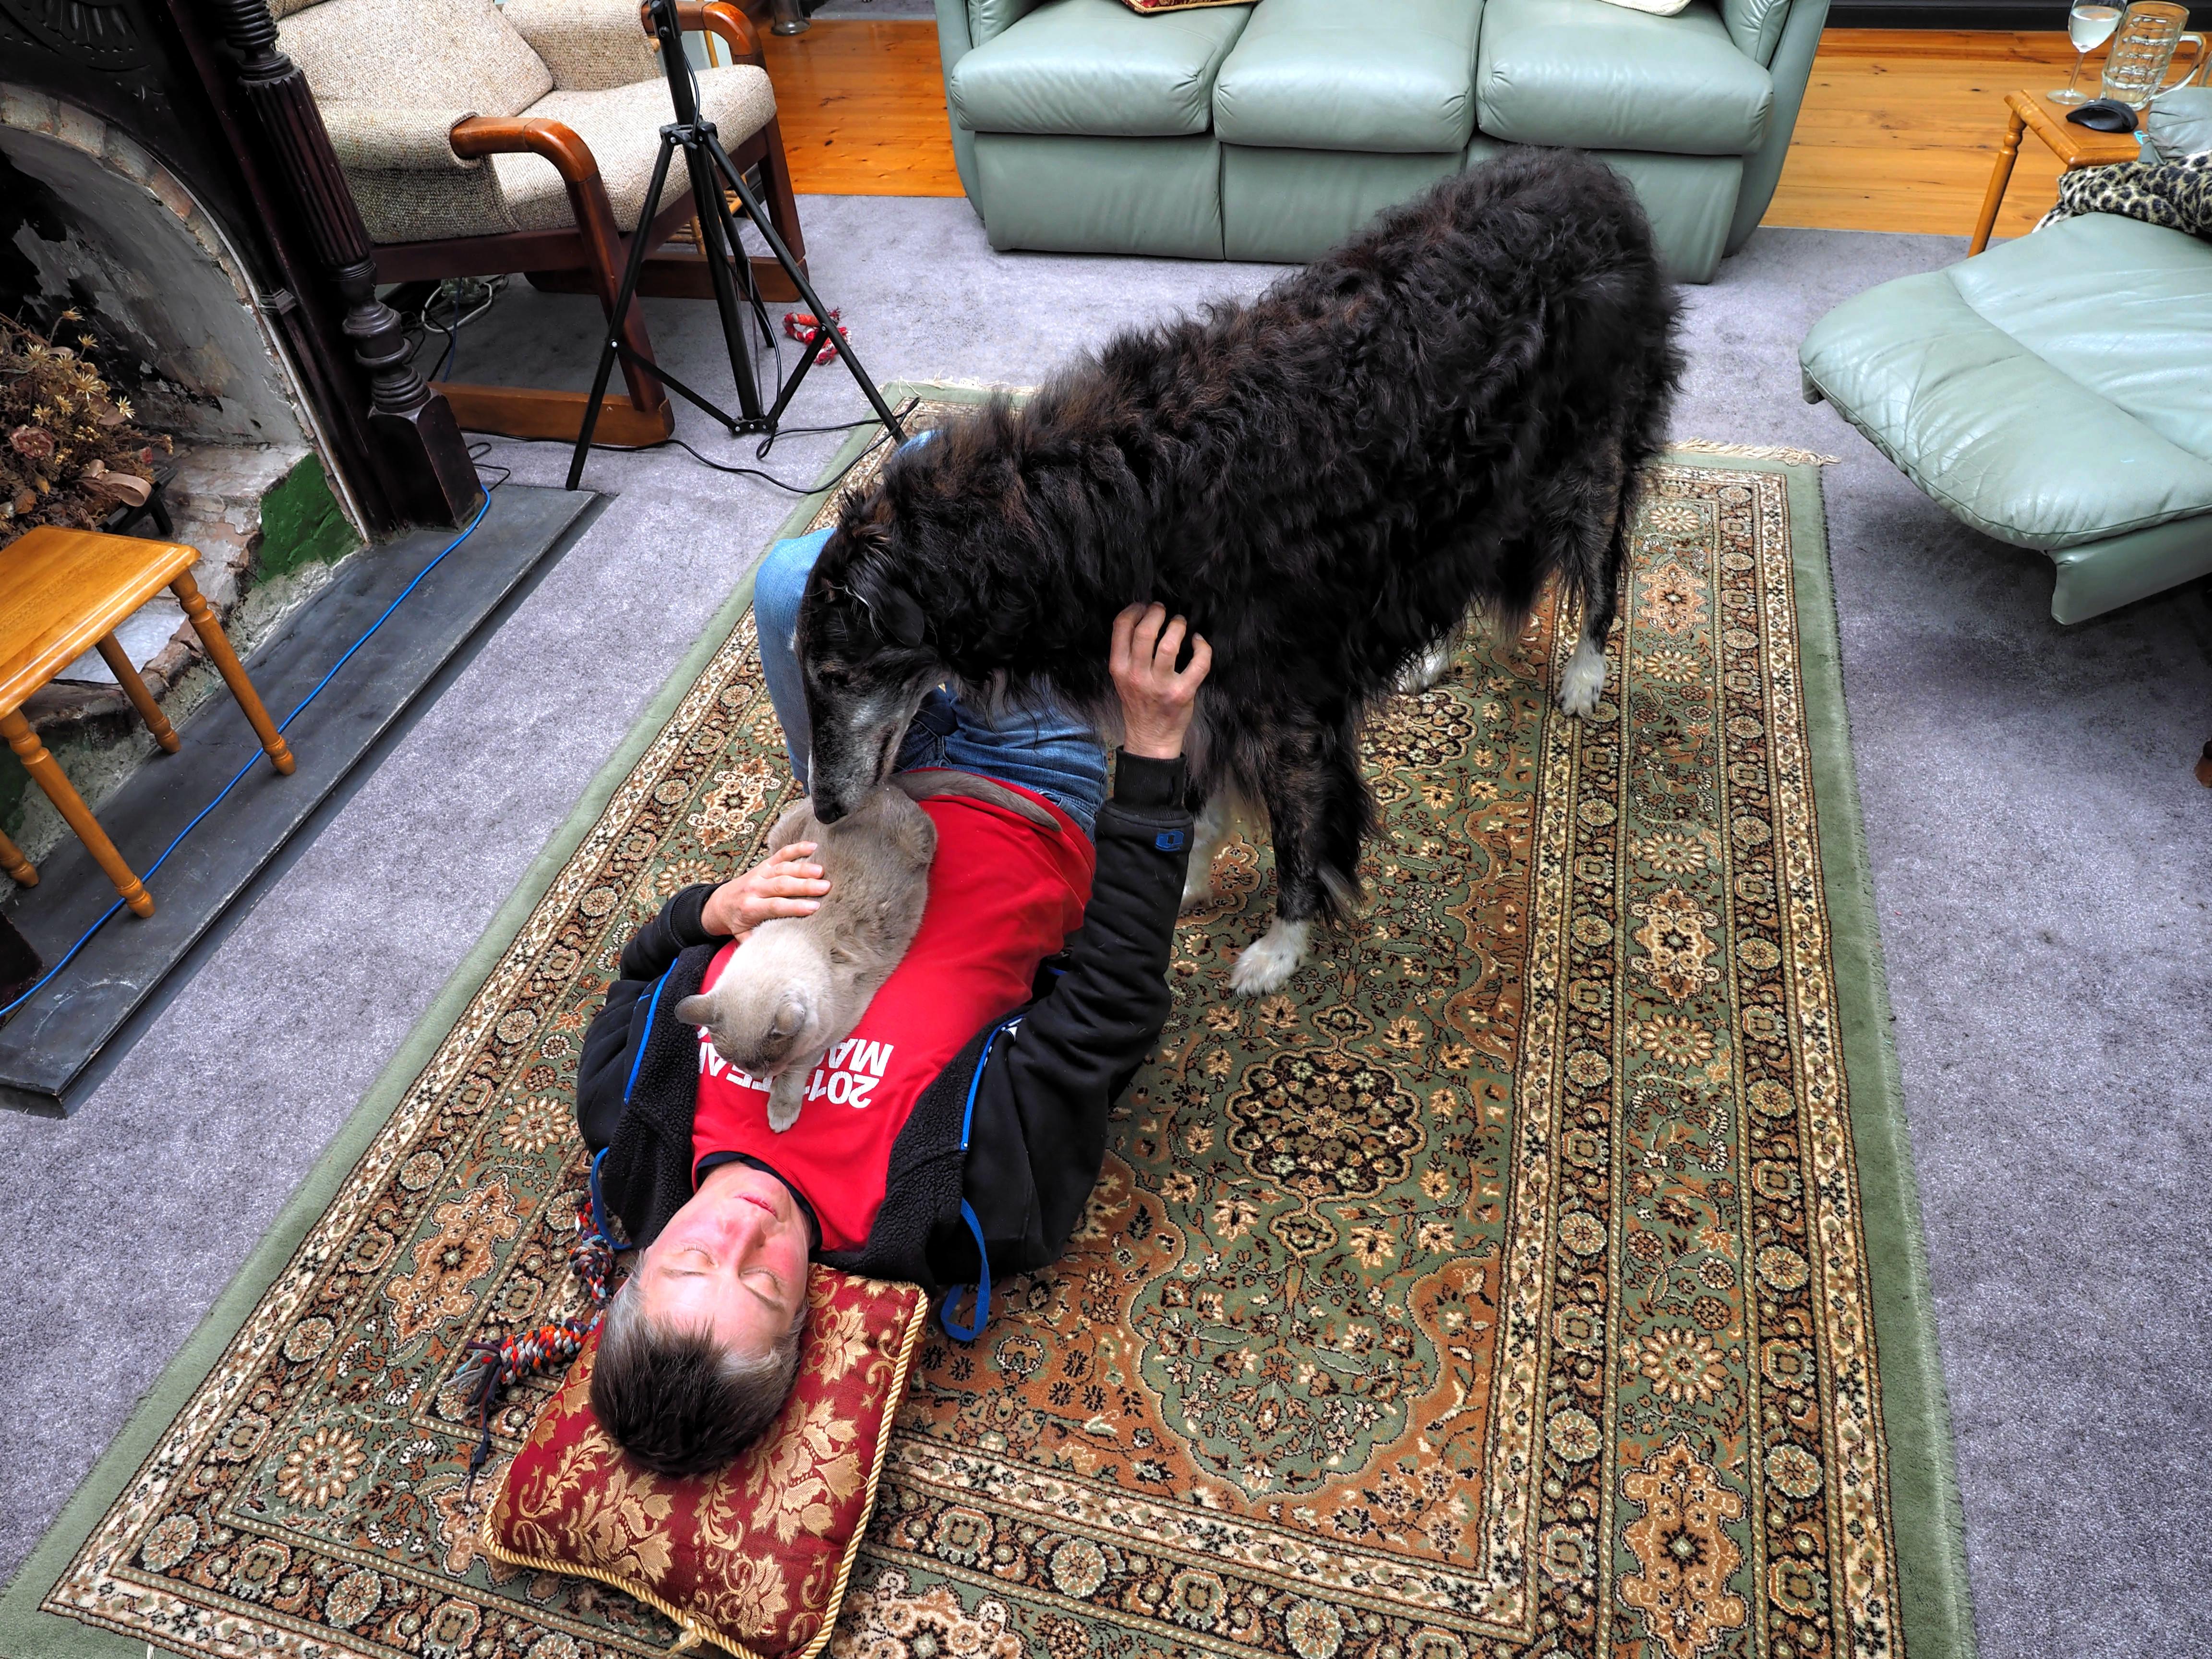 Chris-and-dogs-11.jpeg